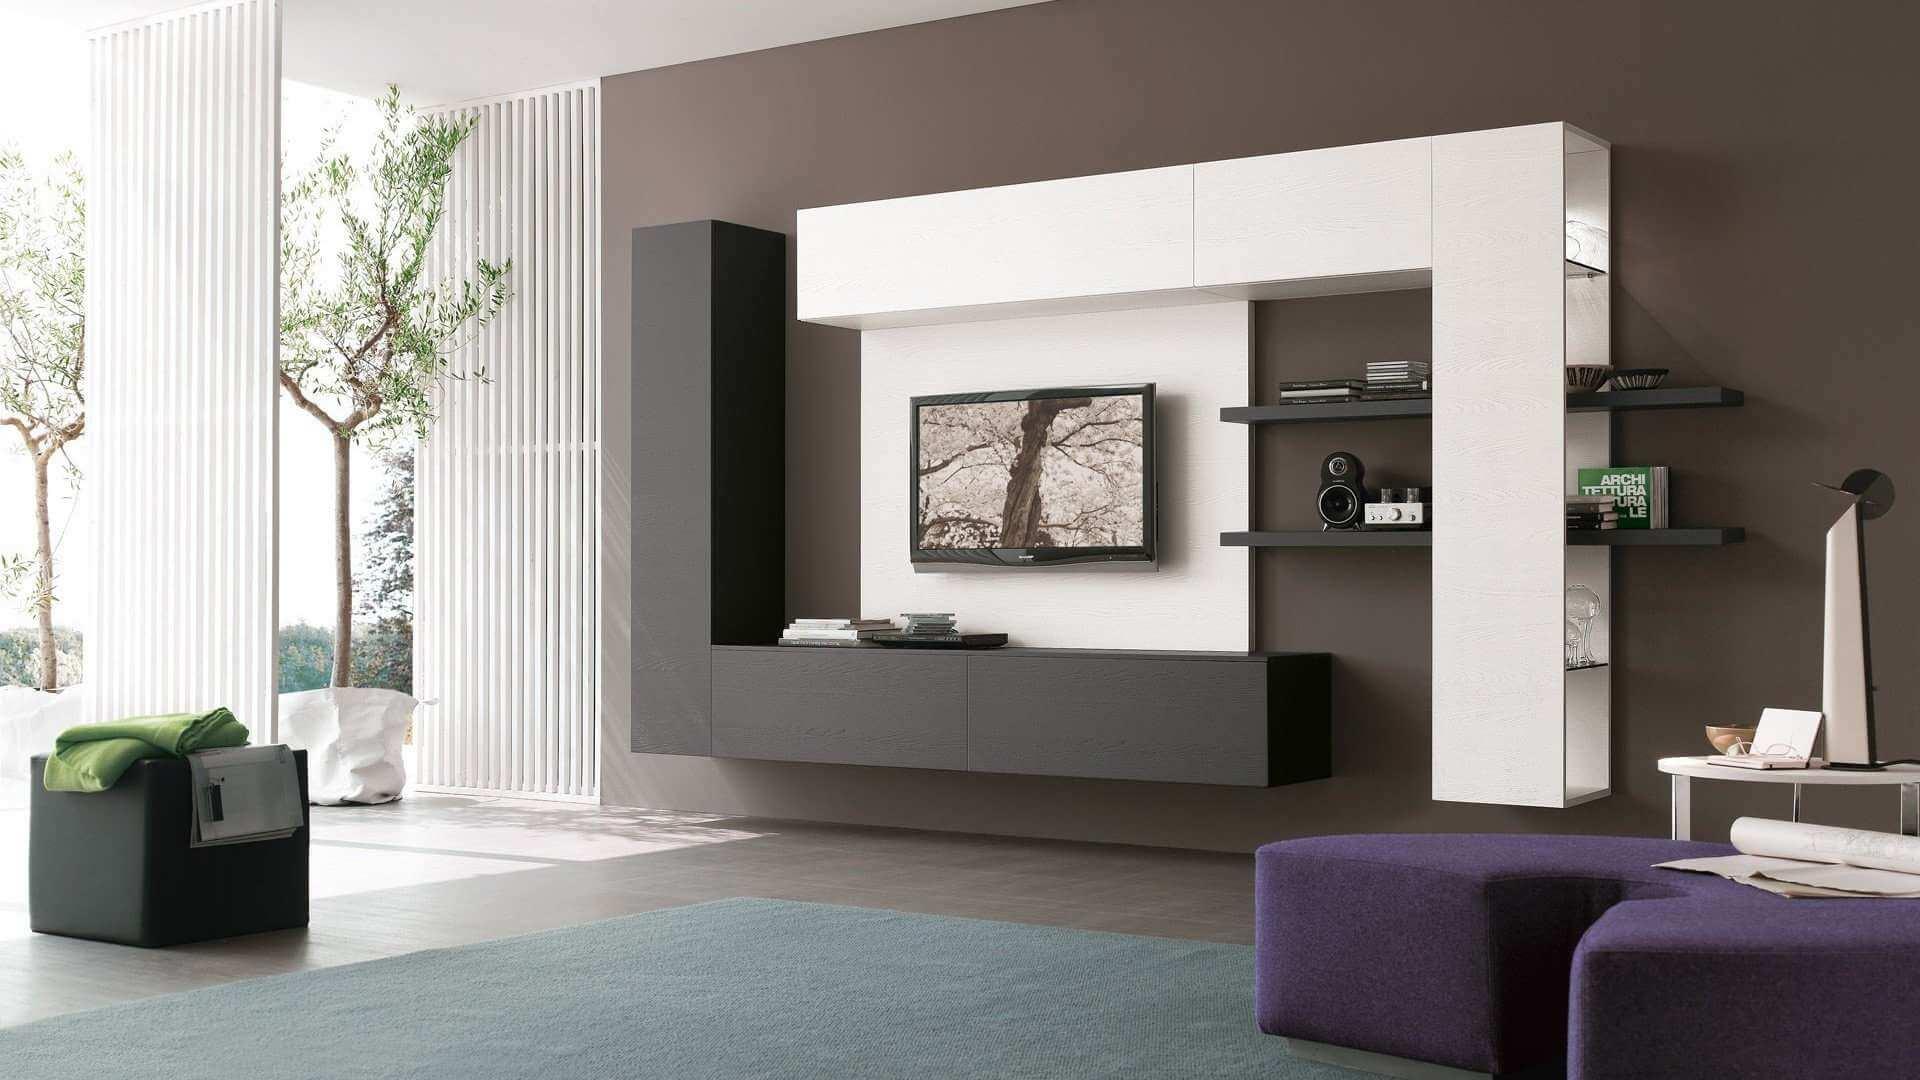 телевизор 32 дюйма в интерьере